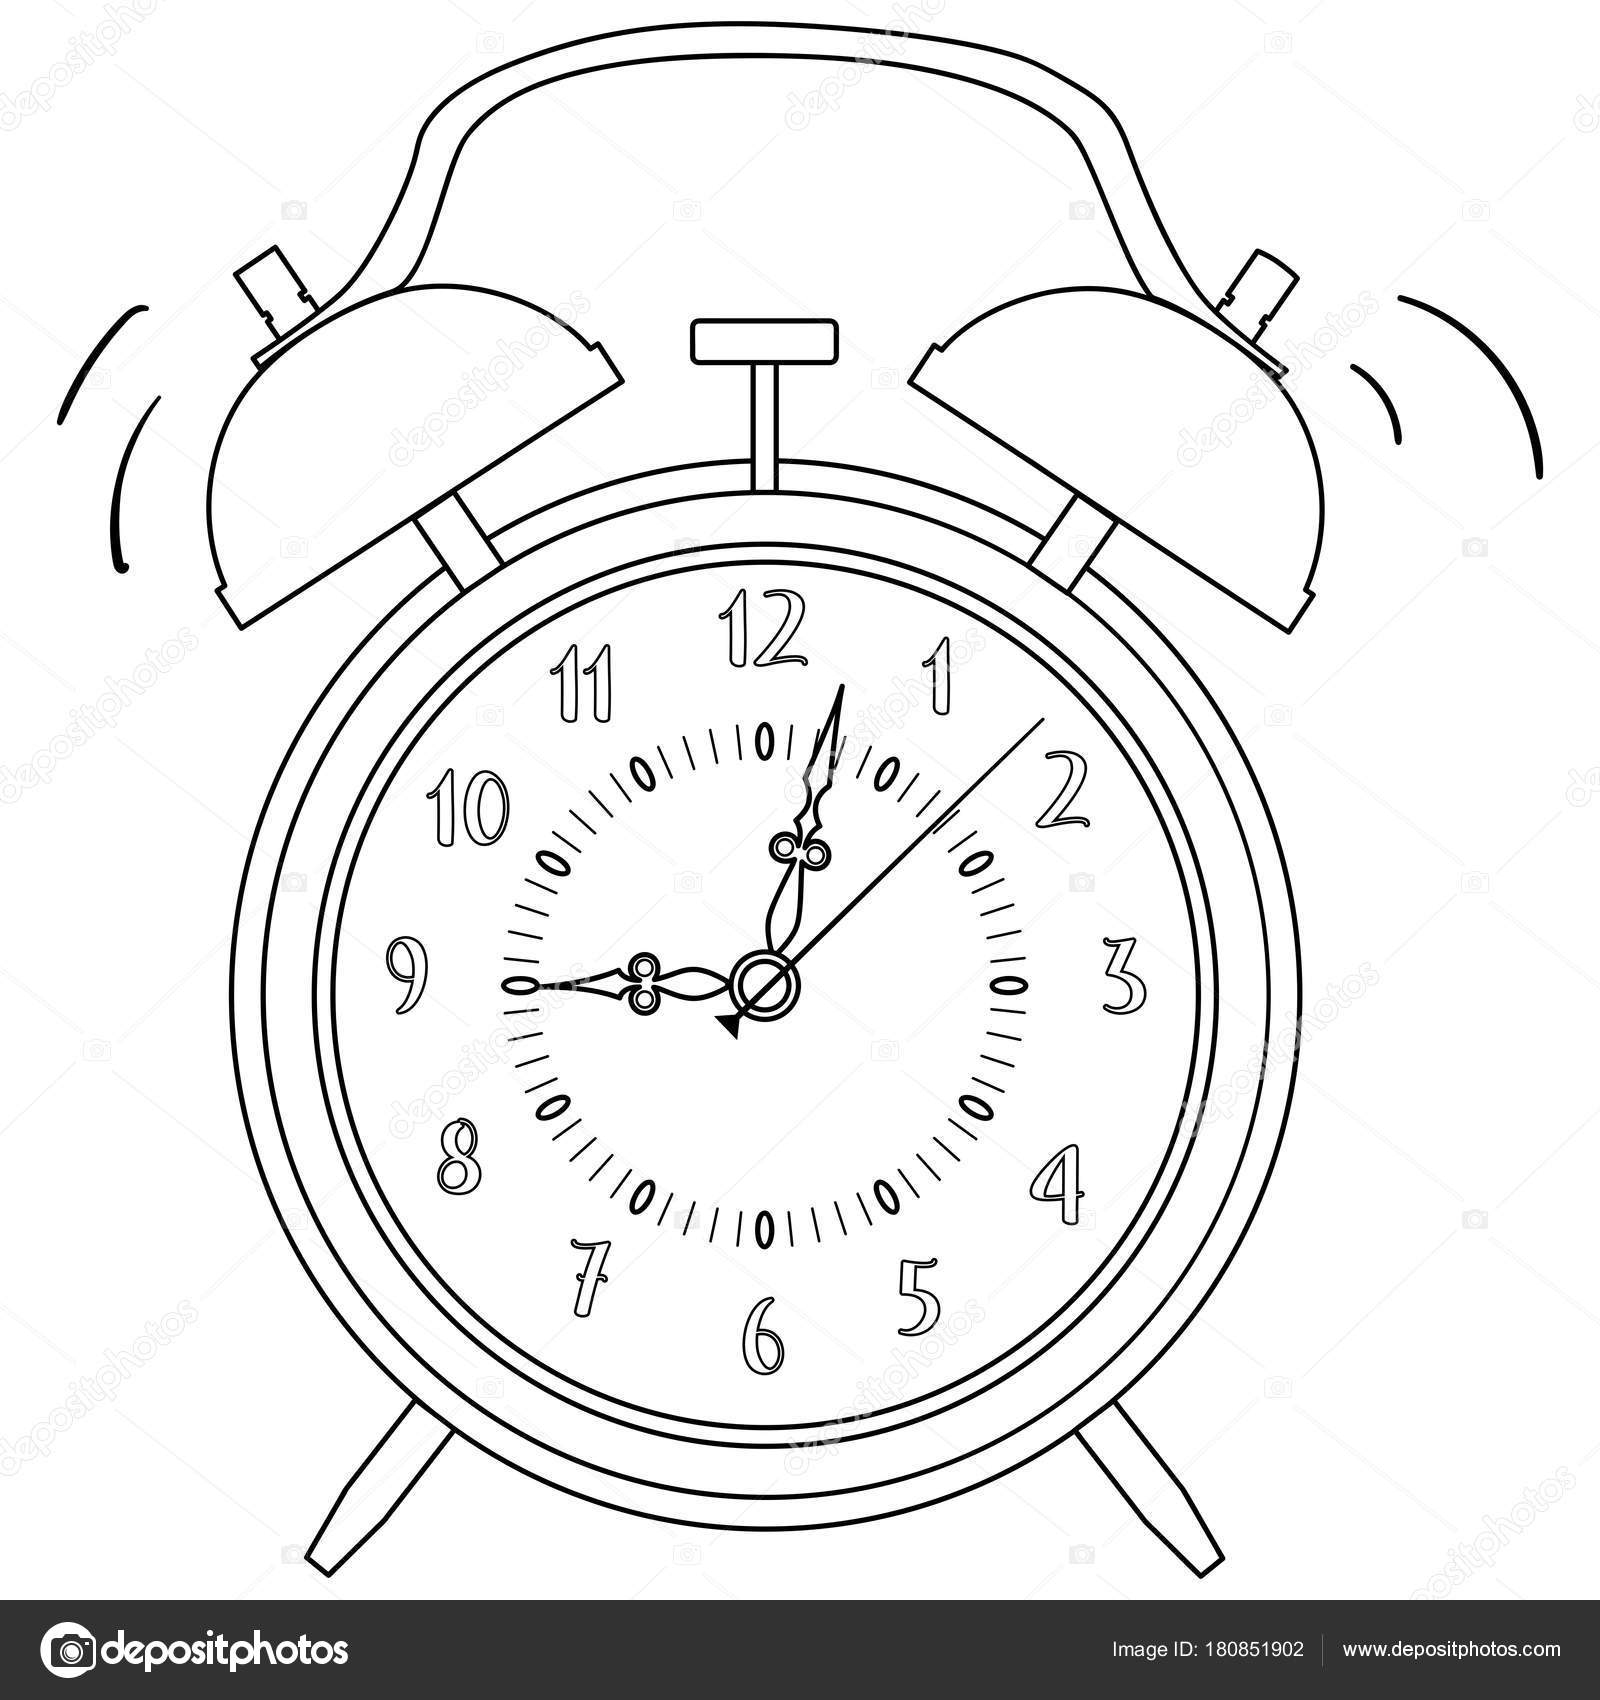 Boyama Siyah Ve Beyaz çalar Saat Vektör çizim Stok Vektör